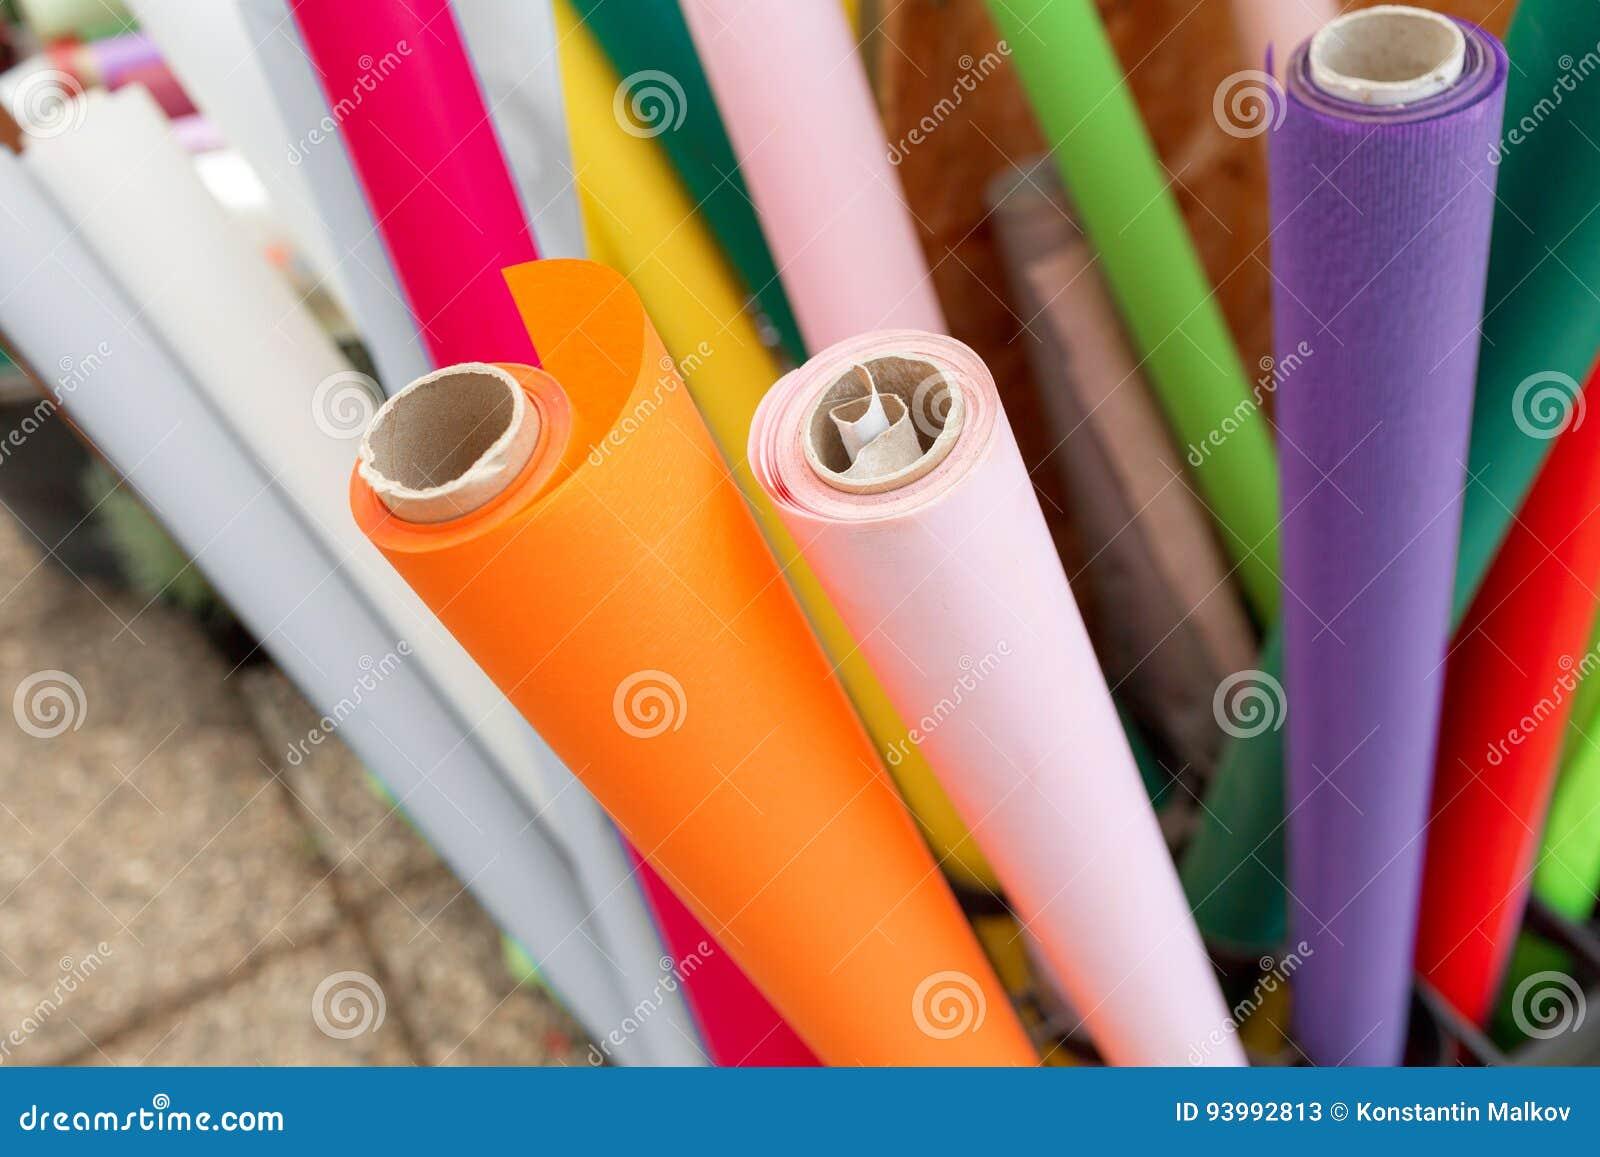 Rotoli Di Carta Colorata : Molti rotoli di carta da imballaggio per i fiori carta da